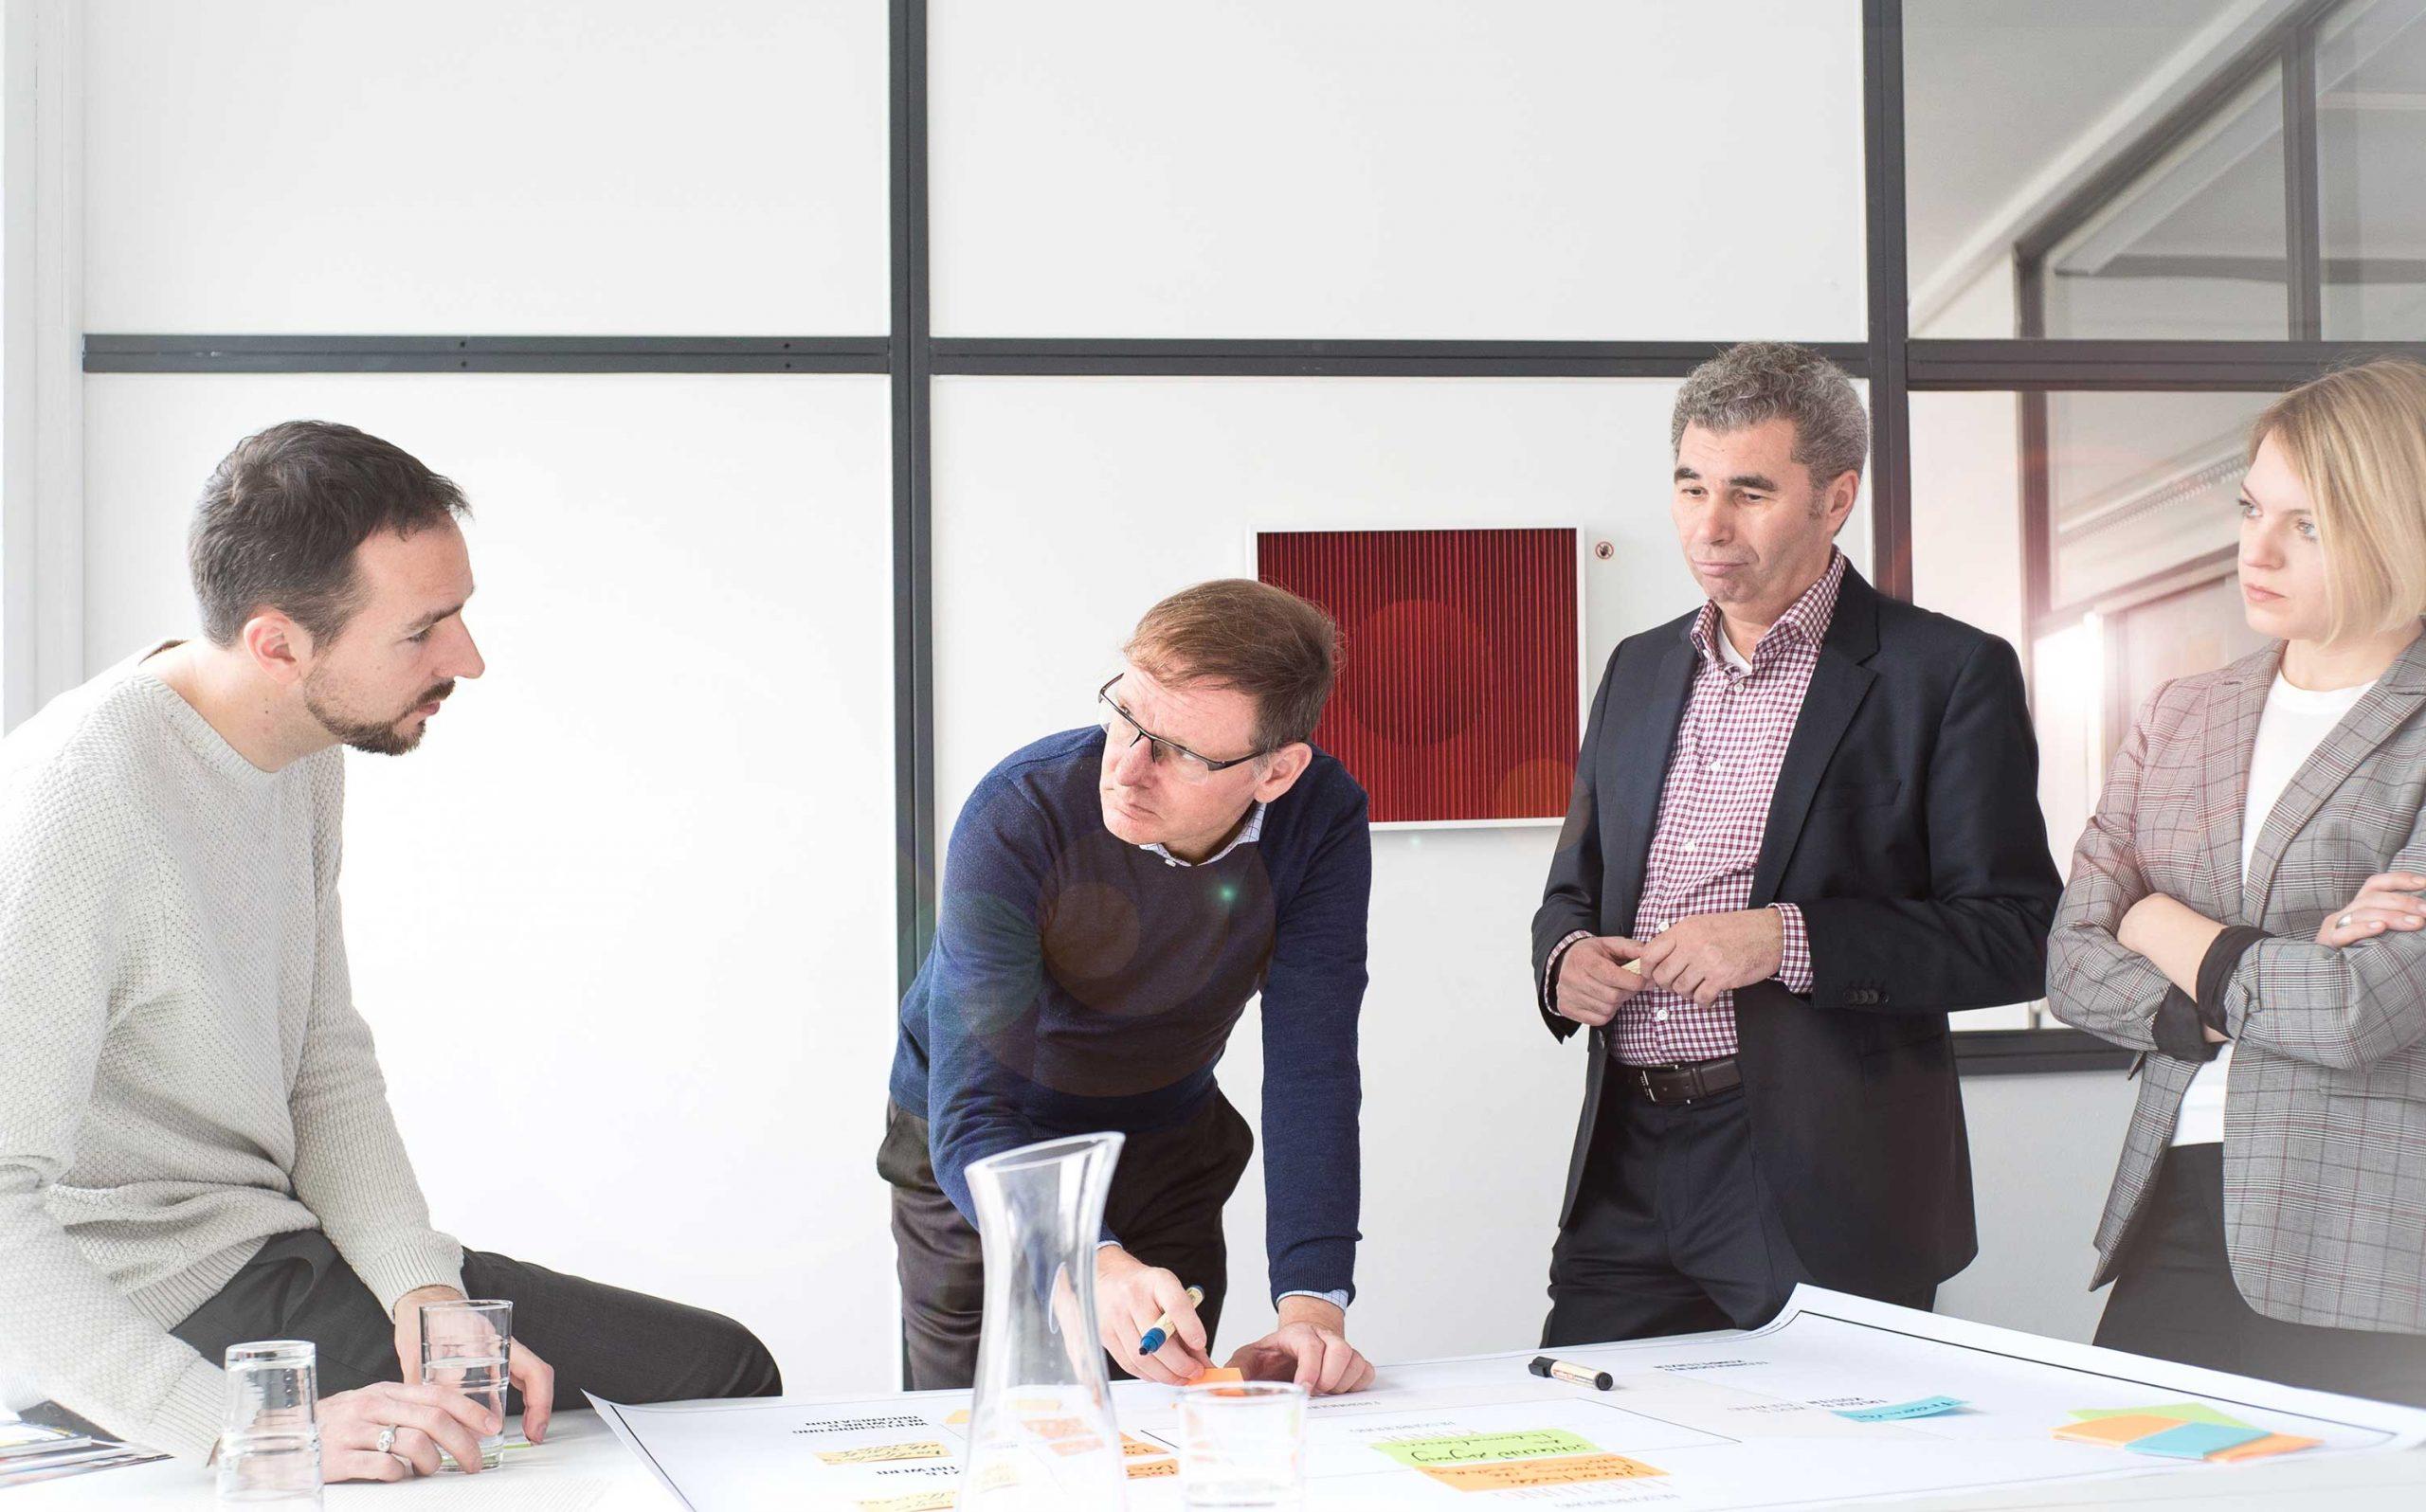 Cross Industry Consulting | Fotoshooting, mehrere Menschen stehen bei einer Besprechnung über einen Tisch gebeugt zusammen | Keywords: Corporate Design, Logo, Grafikdesign, Design, Typografie, Whitepaper, Strategie, Beratung